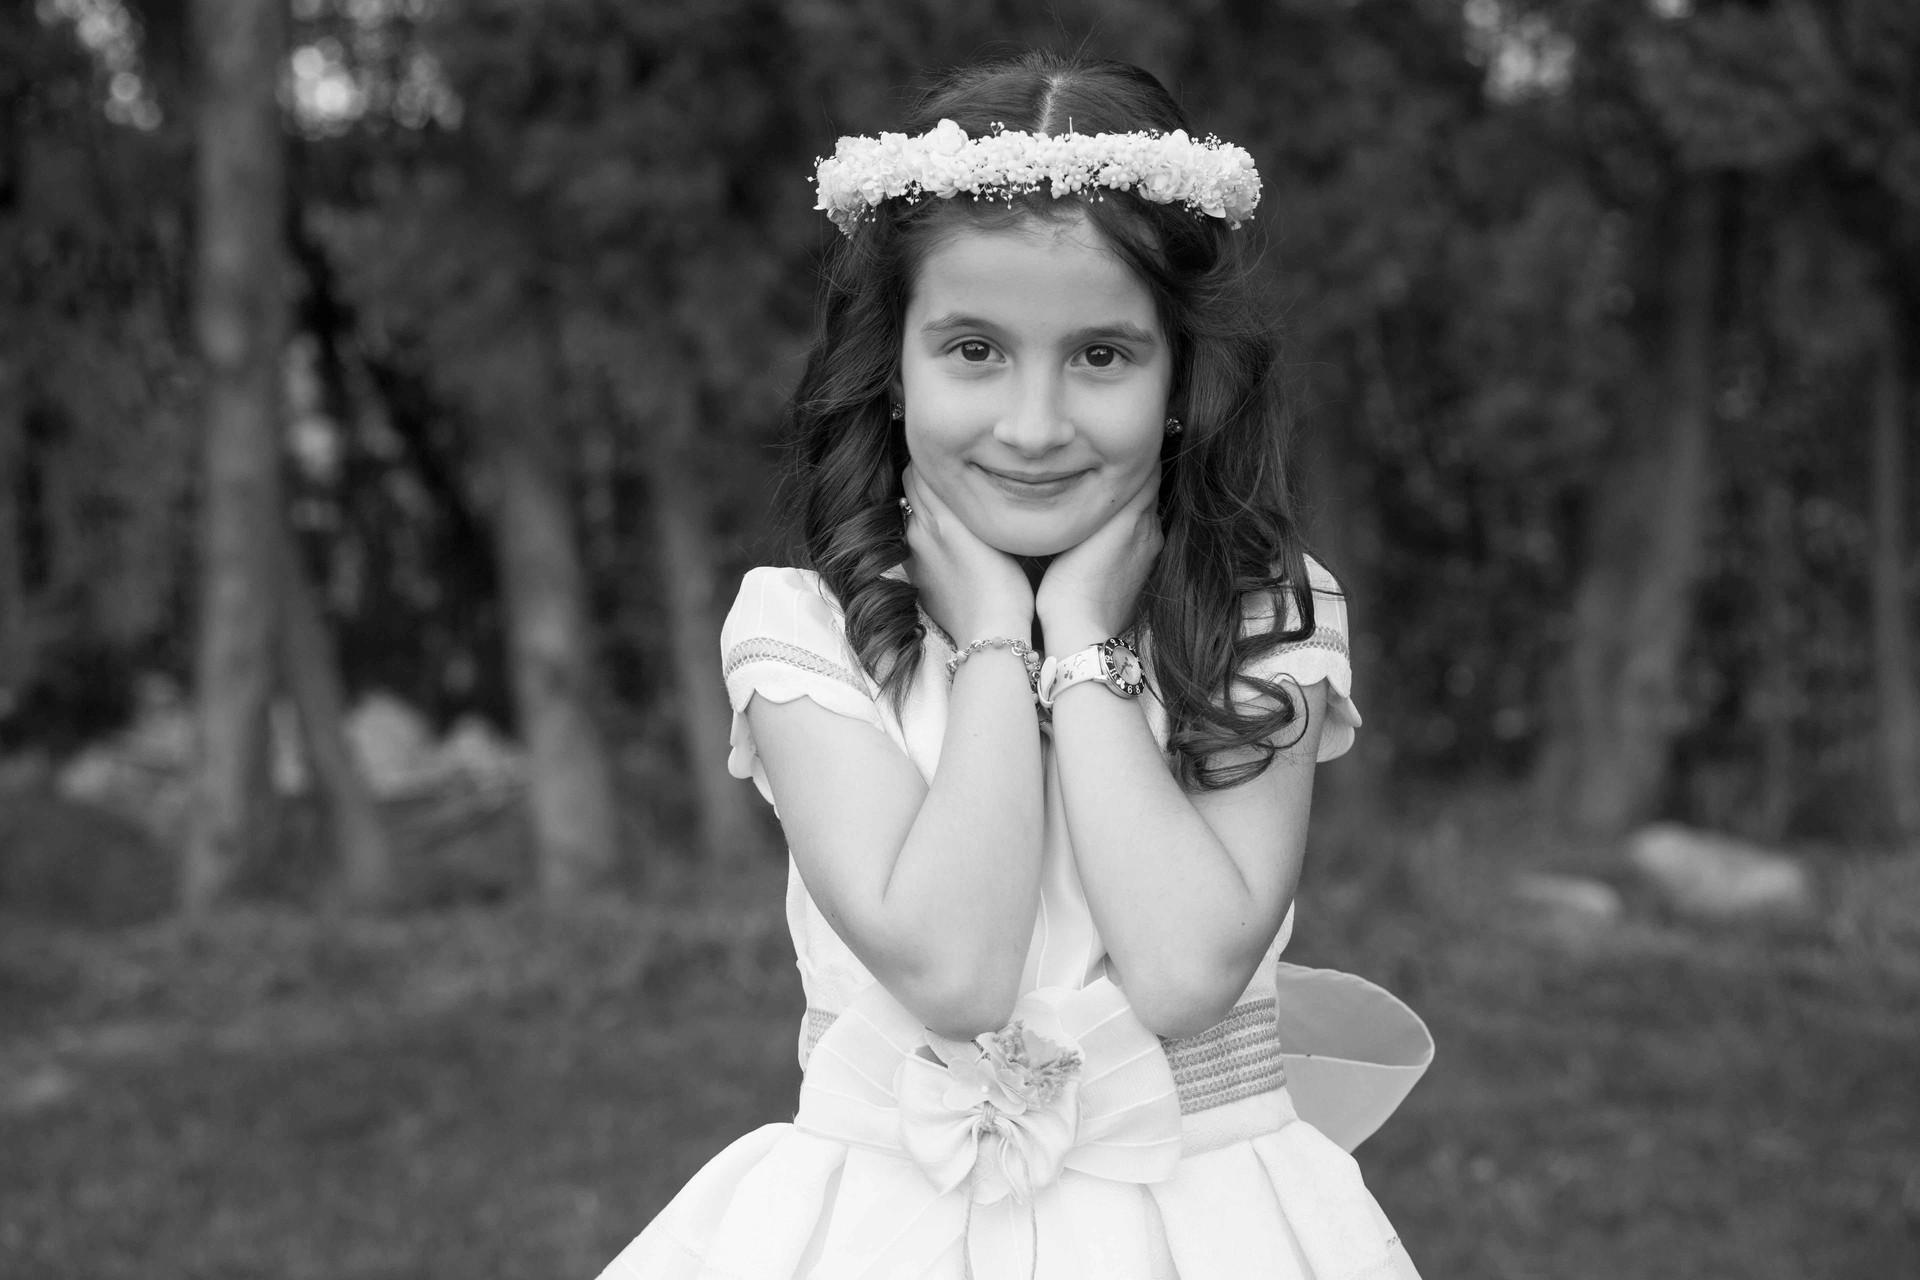 fotografo-fotografia-comuniones-comunion-zaragoza-estudio